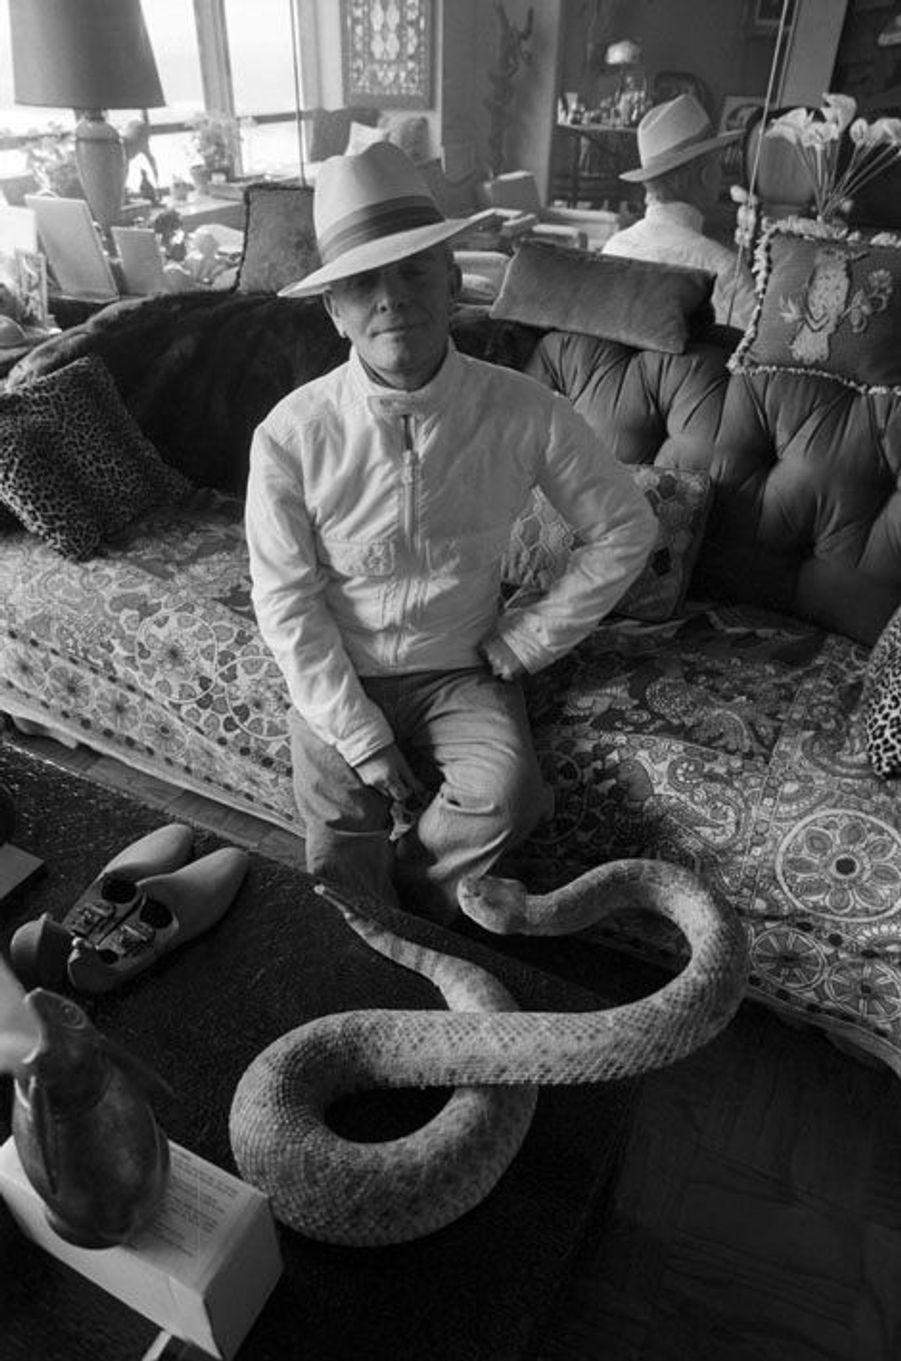 Rendez-vous avec Truman CAPOTE chez lui à New York L'écrivain pose dans son salon assis sur un canapé, coiffé d'un Panama, vêtu d'un petit blouson blanc et d'un jean, la main sur la hanche, devant un serpent à sonnettes empaillé posé sur la table basse.